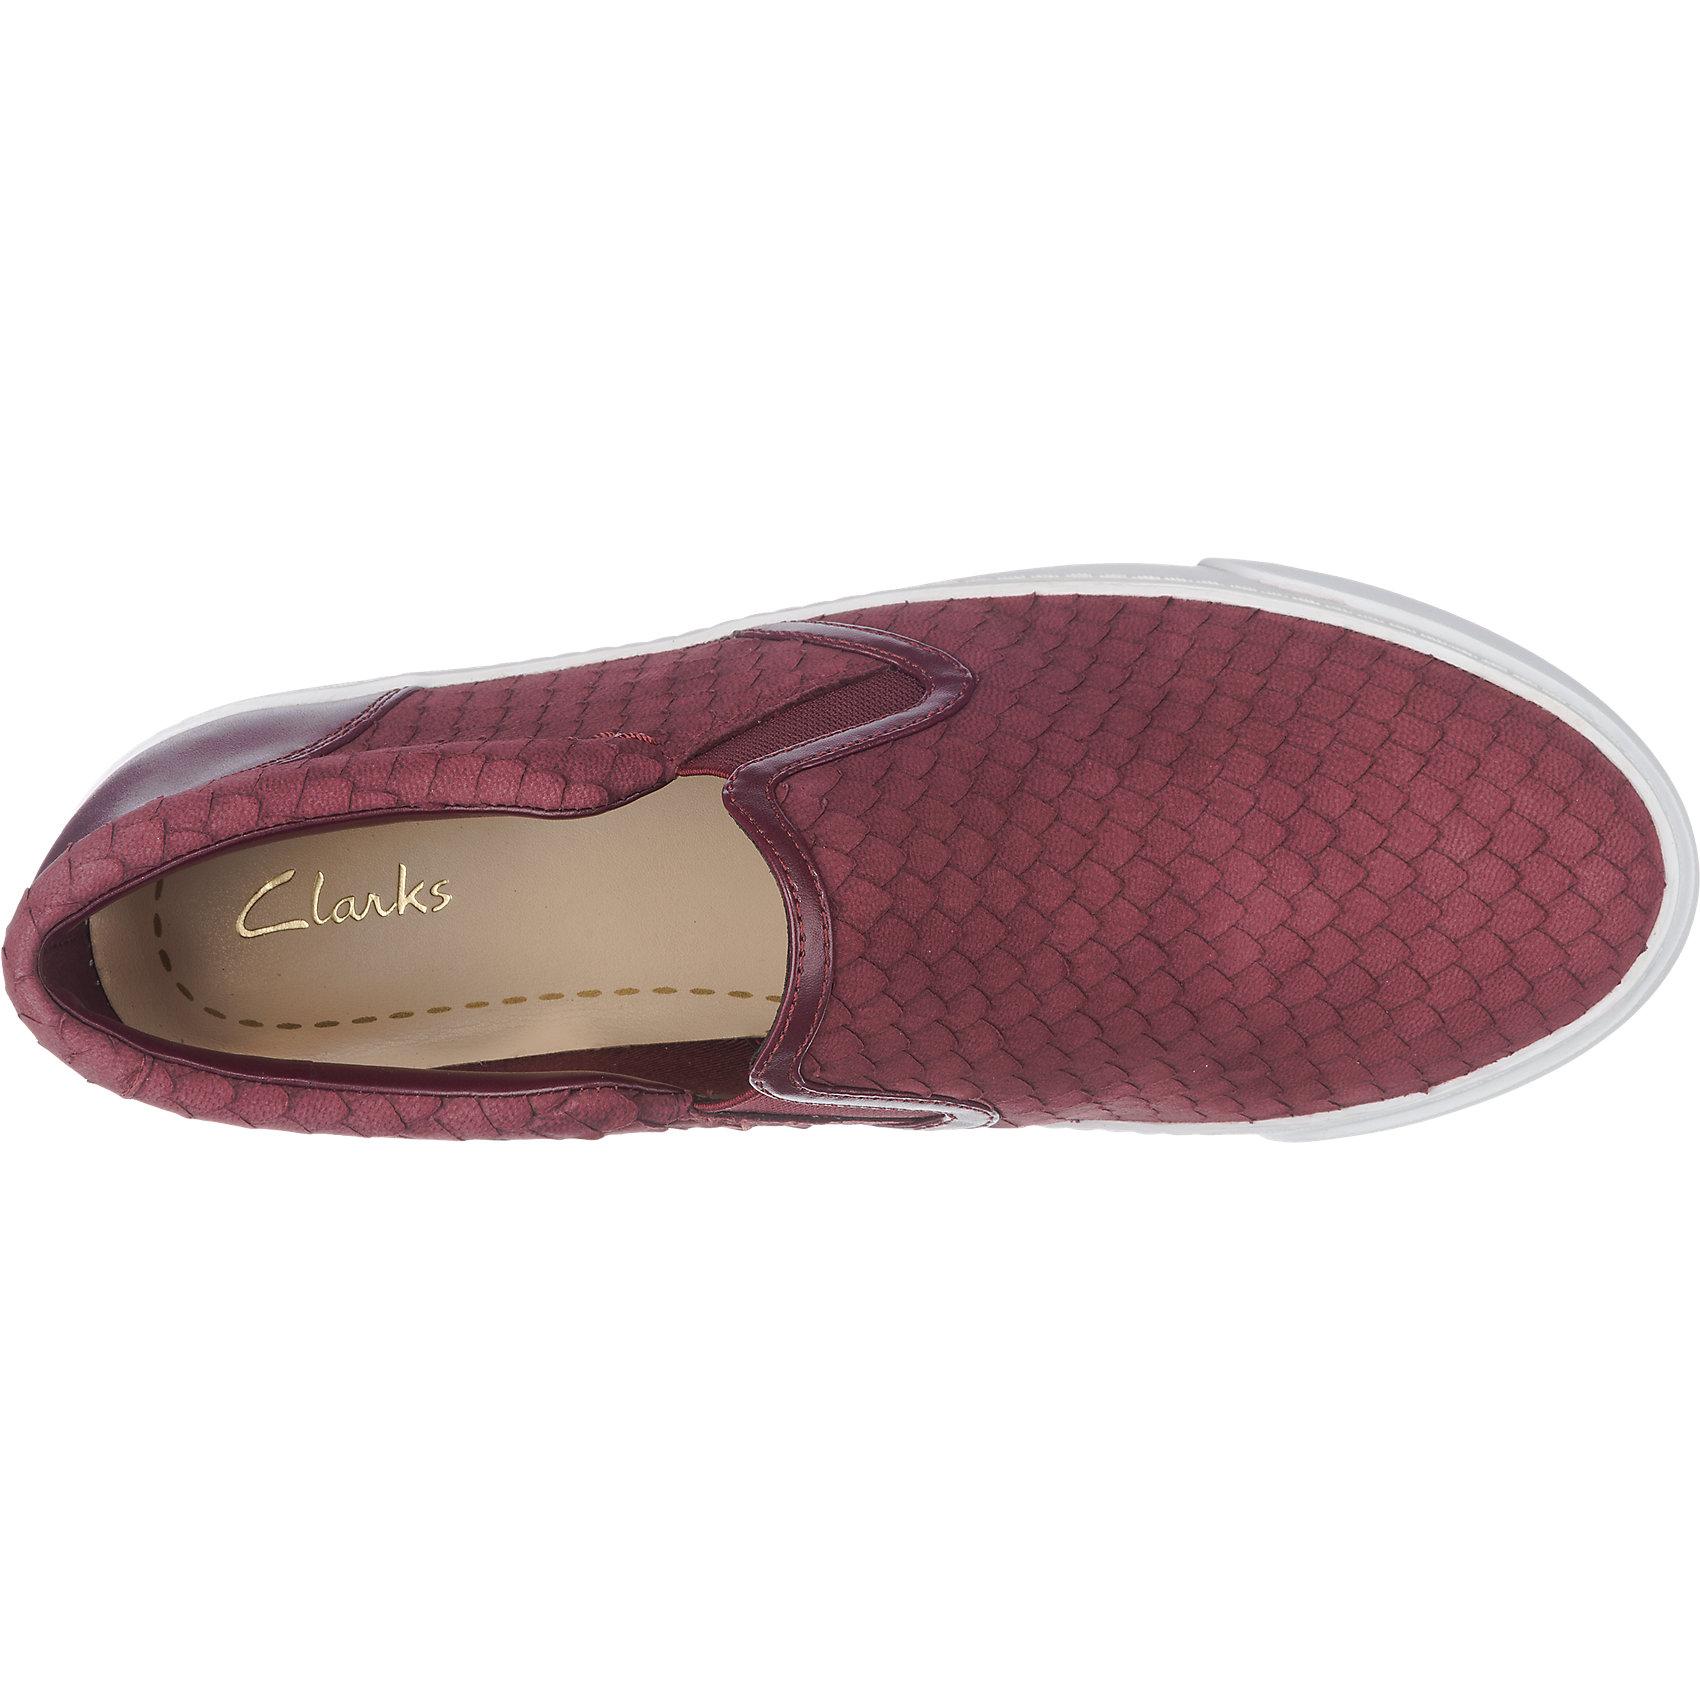 Details zu Neu Clarks Glove Puppet Slipper 5772596 für Damen rot silber